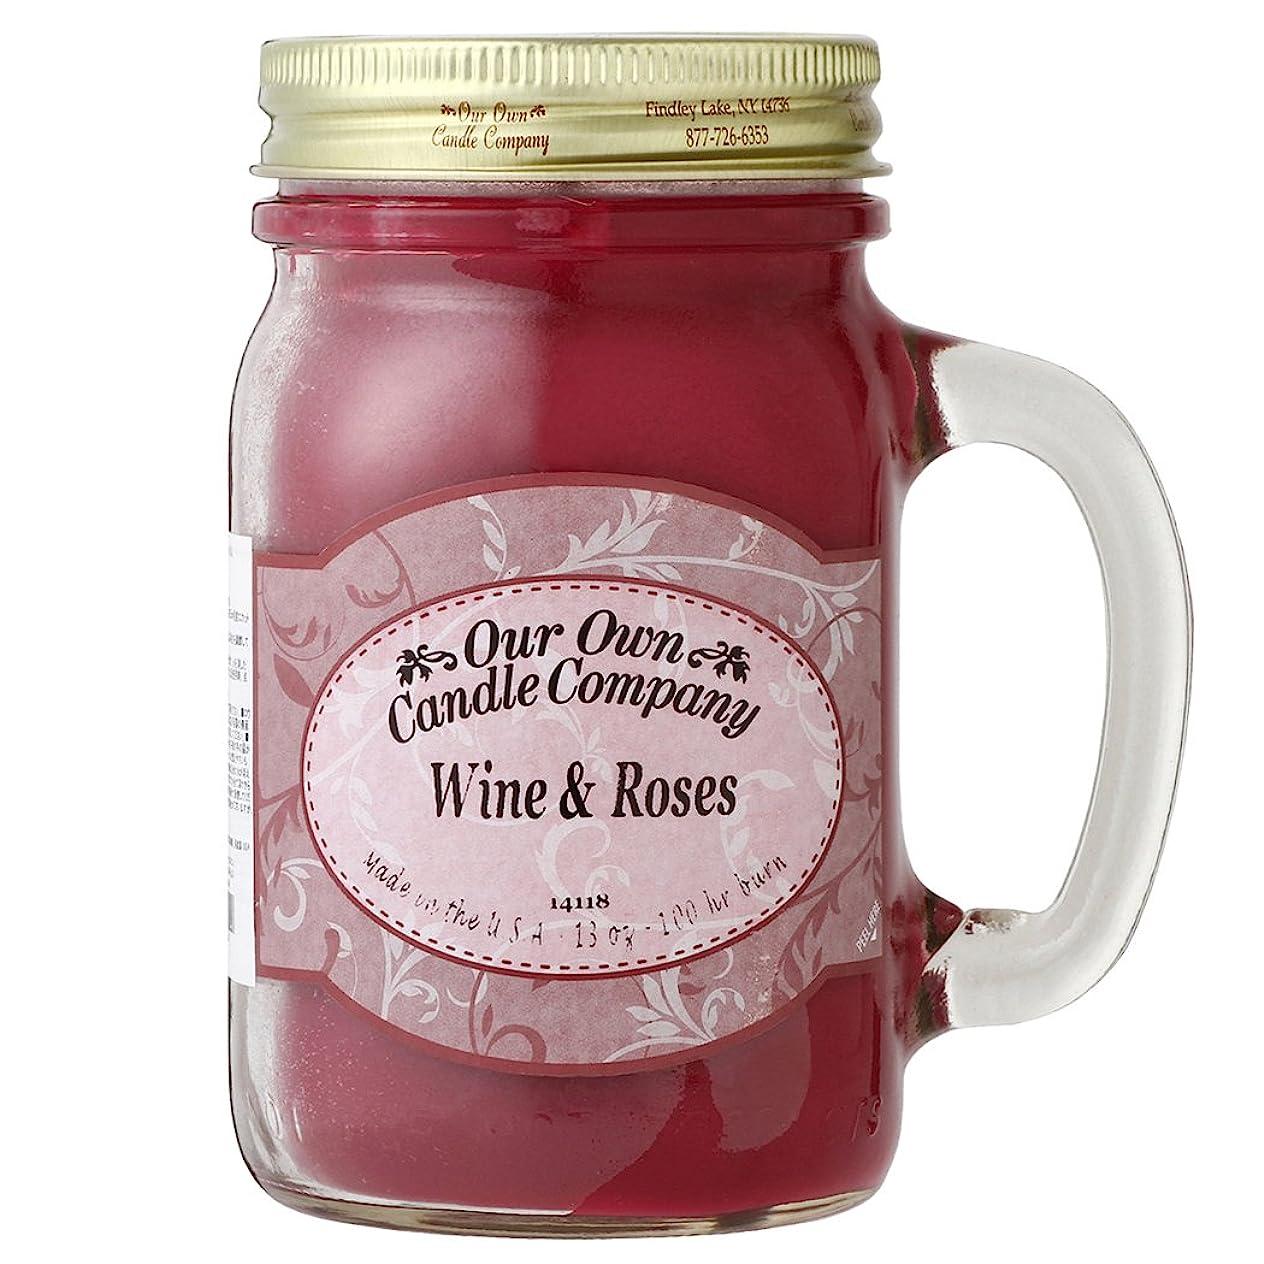 幾何学割り込み緑Our Own Candle Company メイソンジャーキャンドル ラージサイズ ワイン&ローズ OU100129